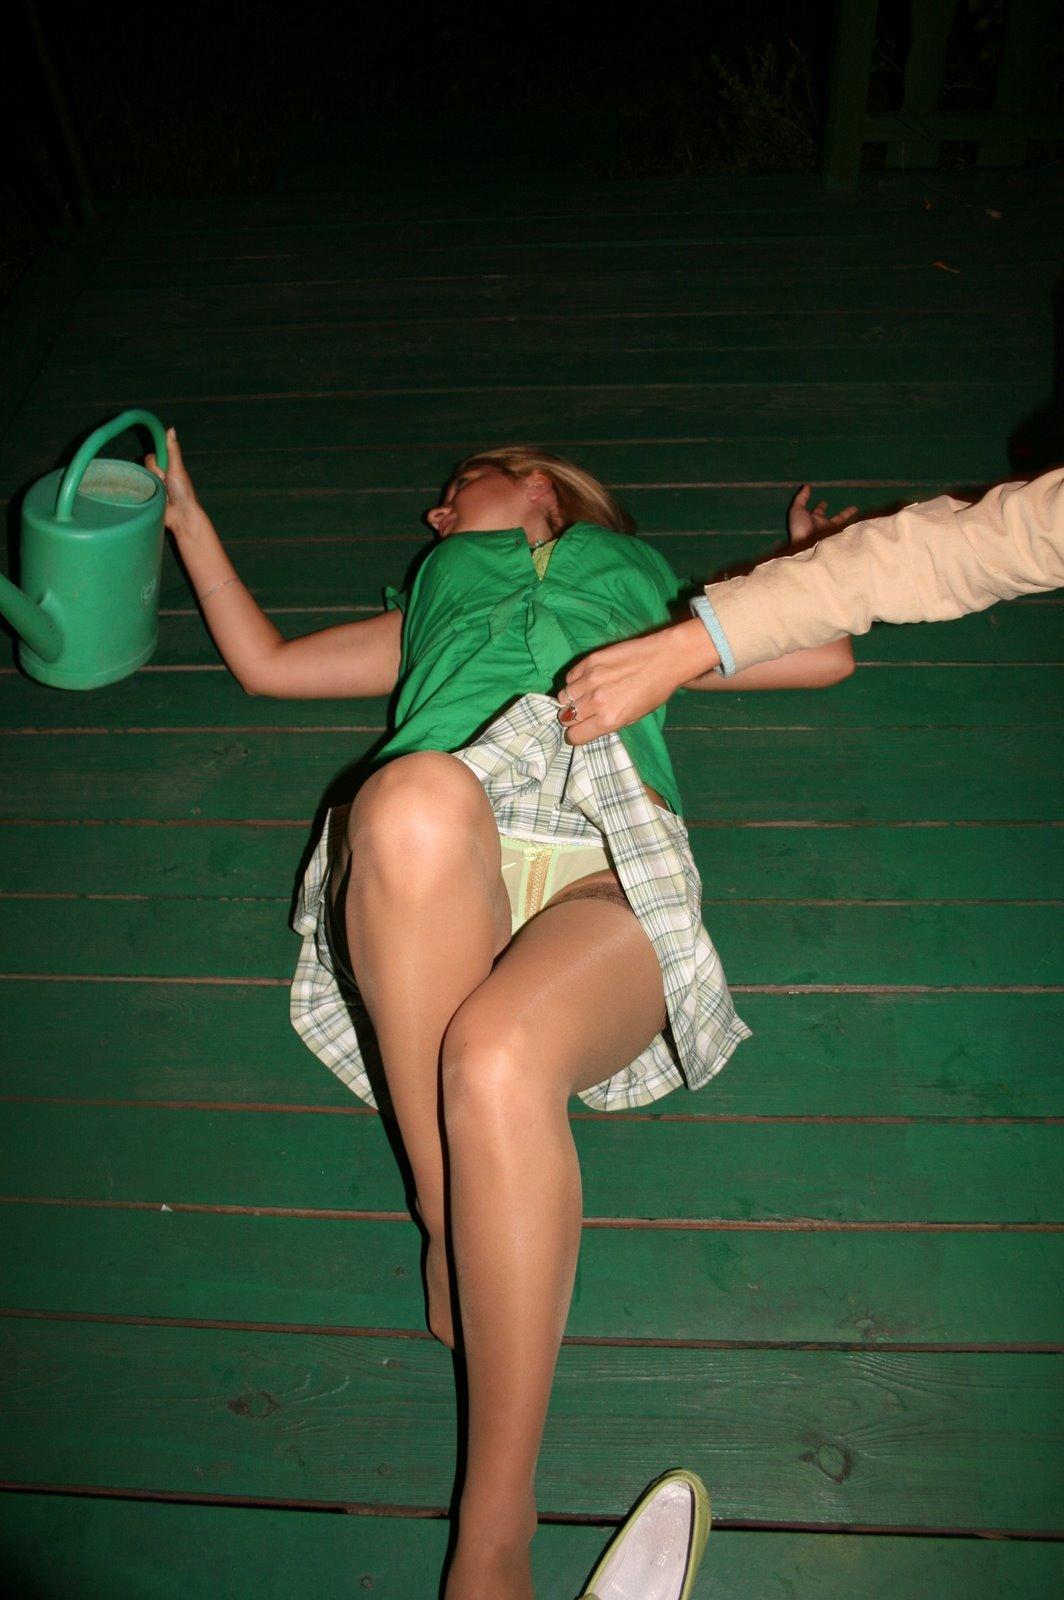 пизда мамки пьяные под юбкой в шоке во-первых, решит